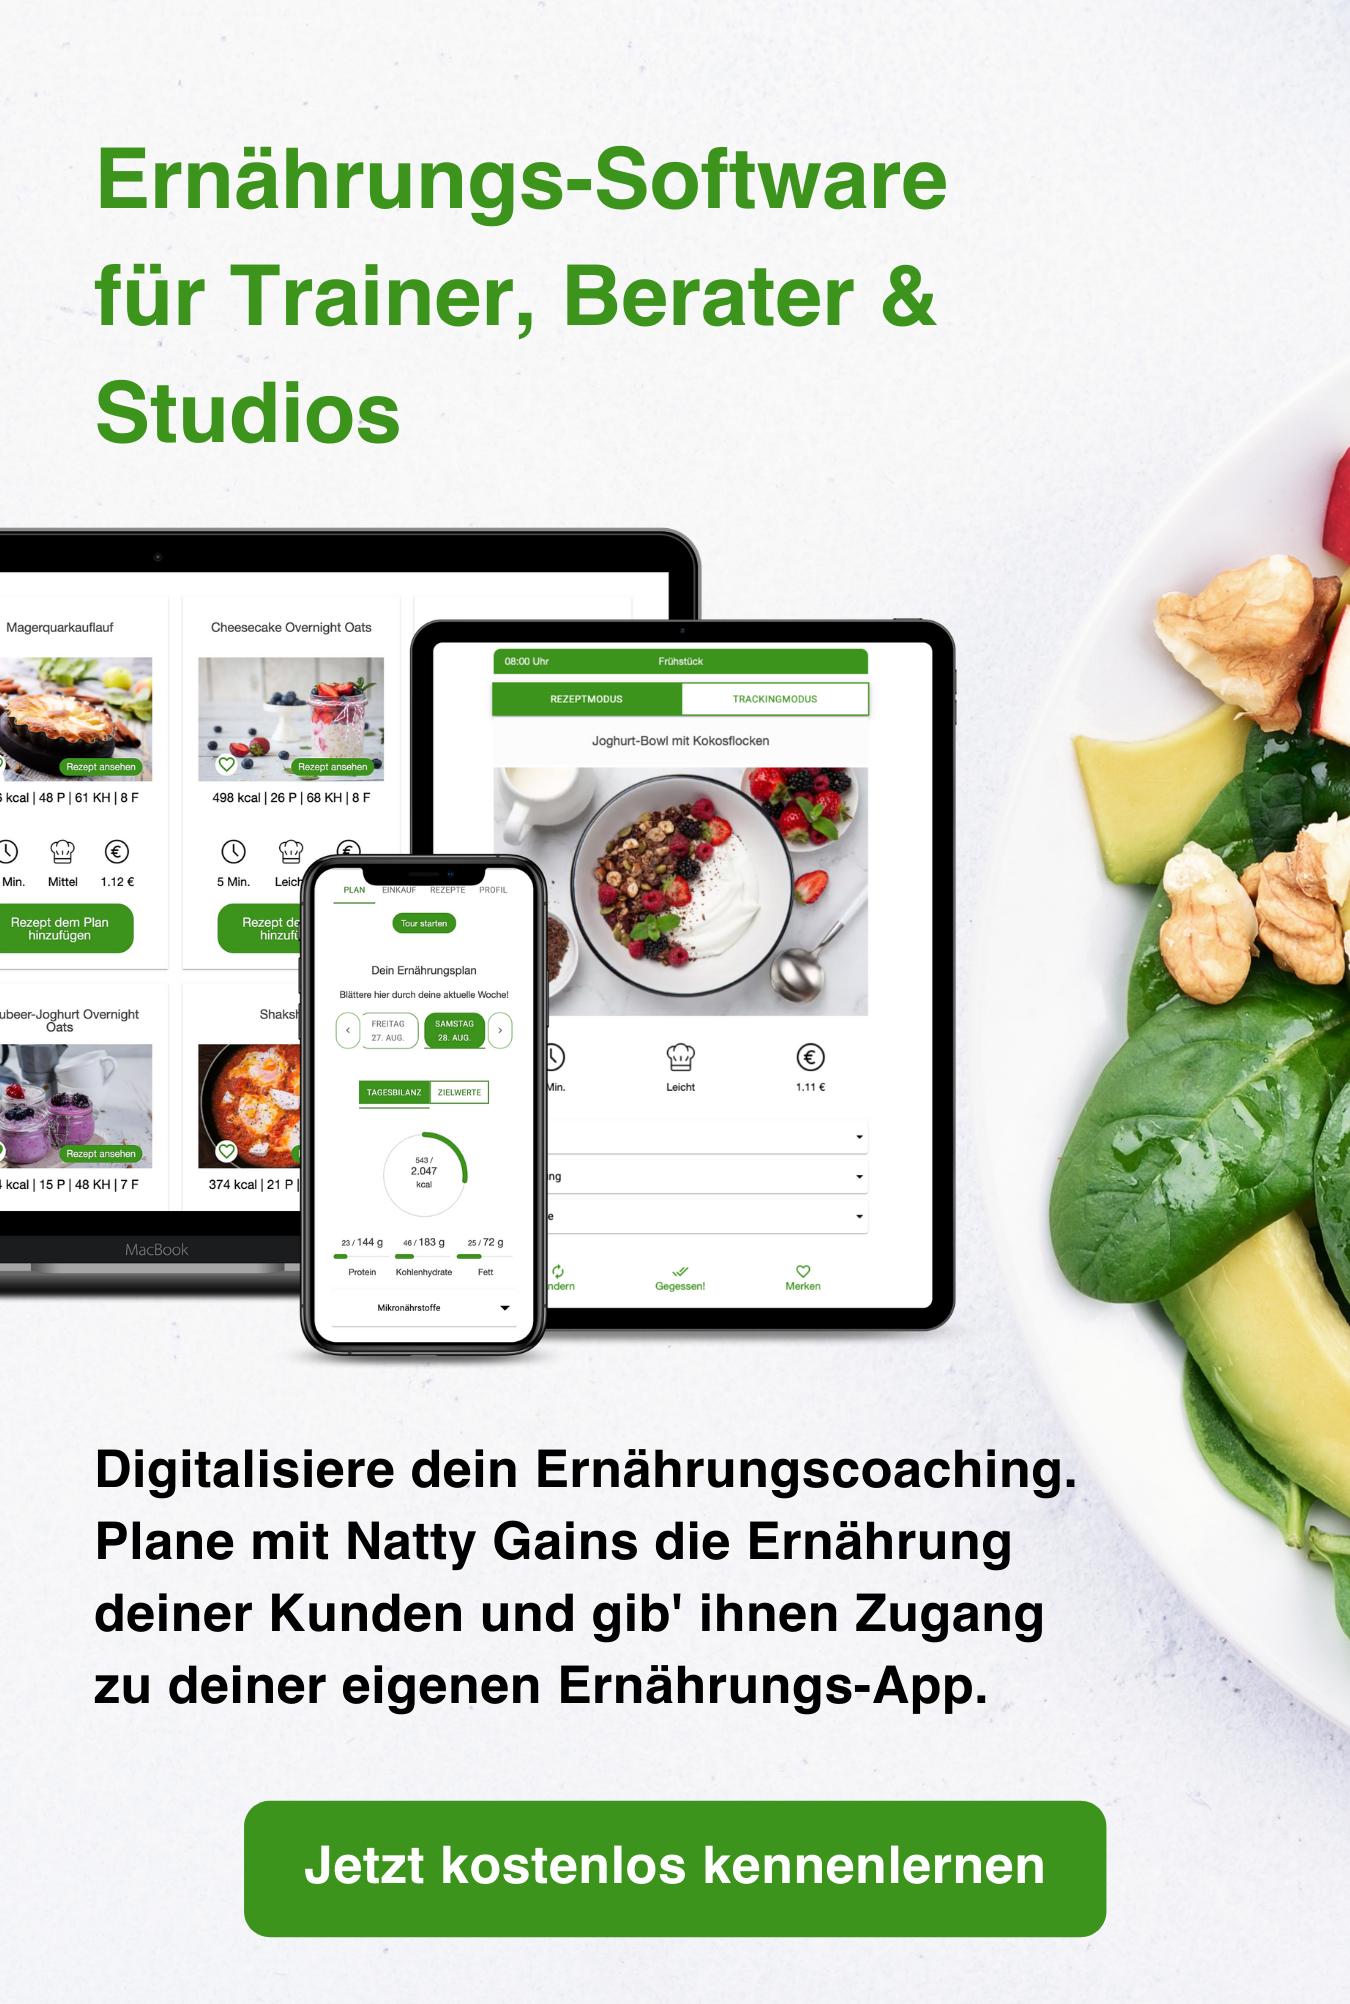 Ernährungsberater-Software per Ernährungs-App - Ernährungspläne erstellen für Personal Trainer, Fitnessstudios, Ernährungsberater mit Natty Gains - mobil